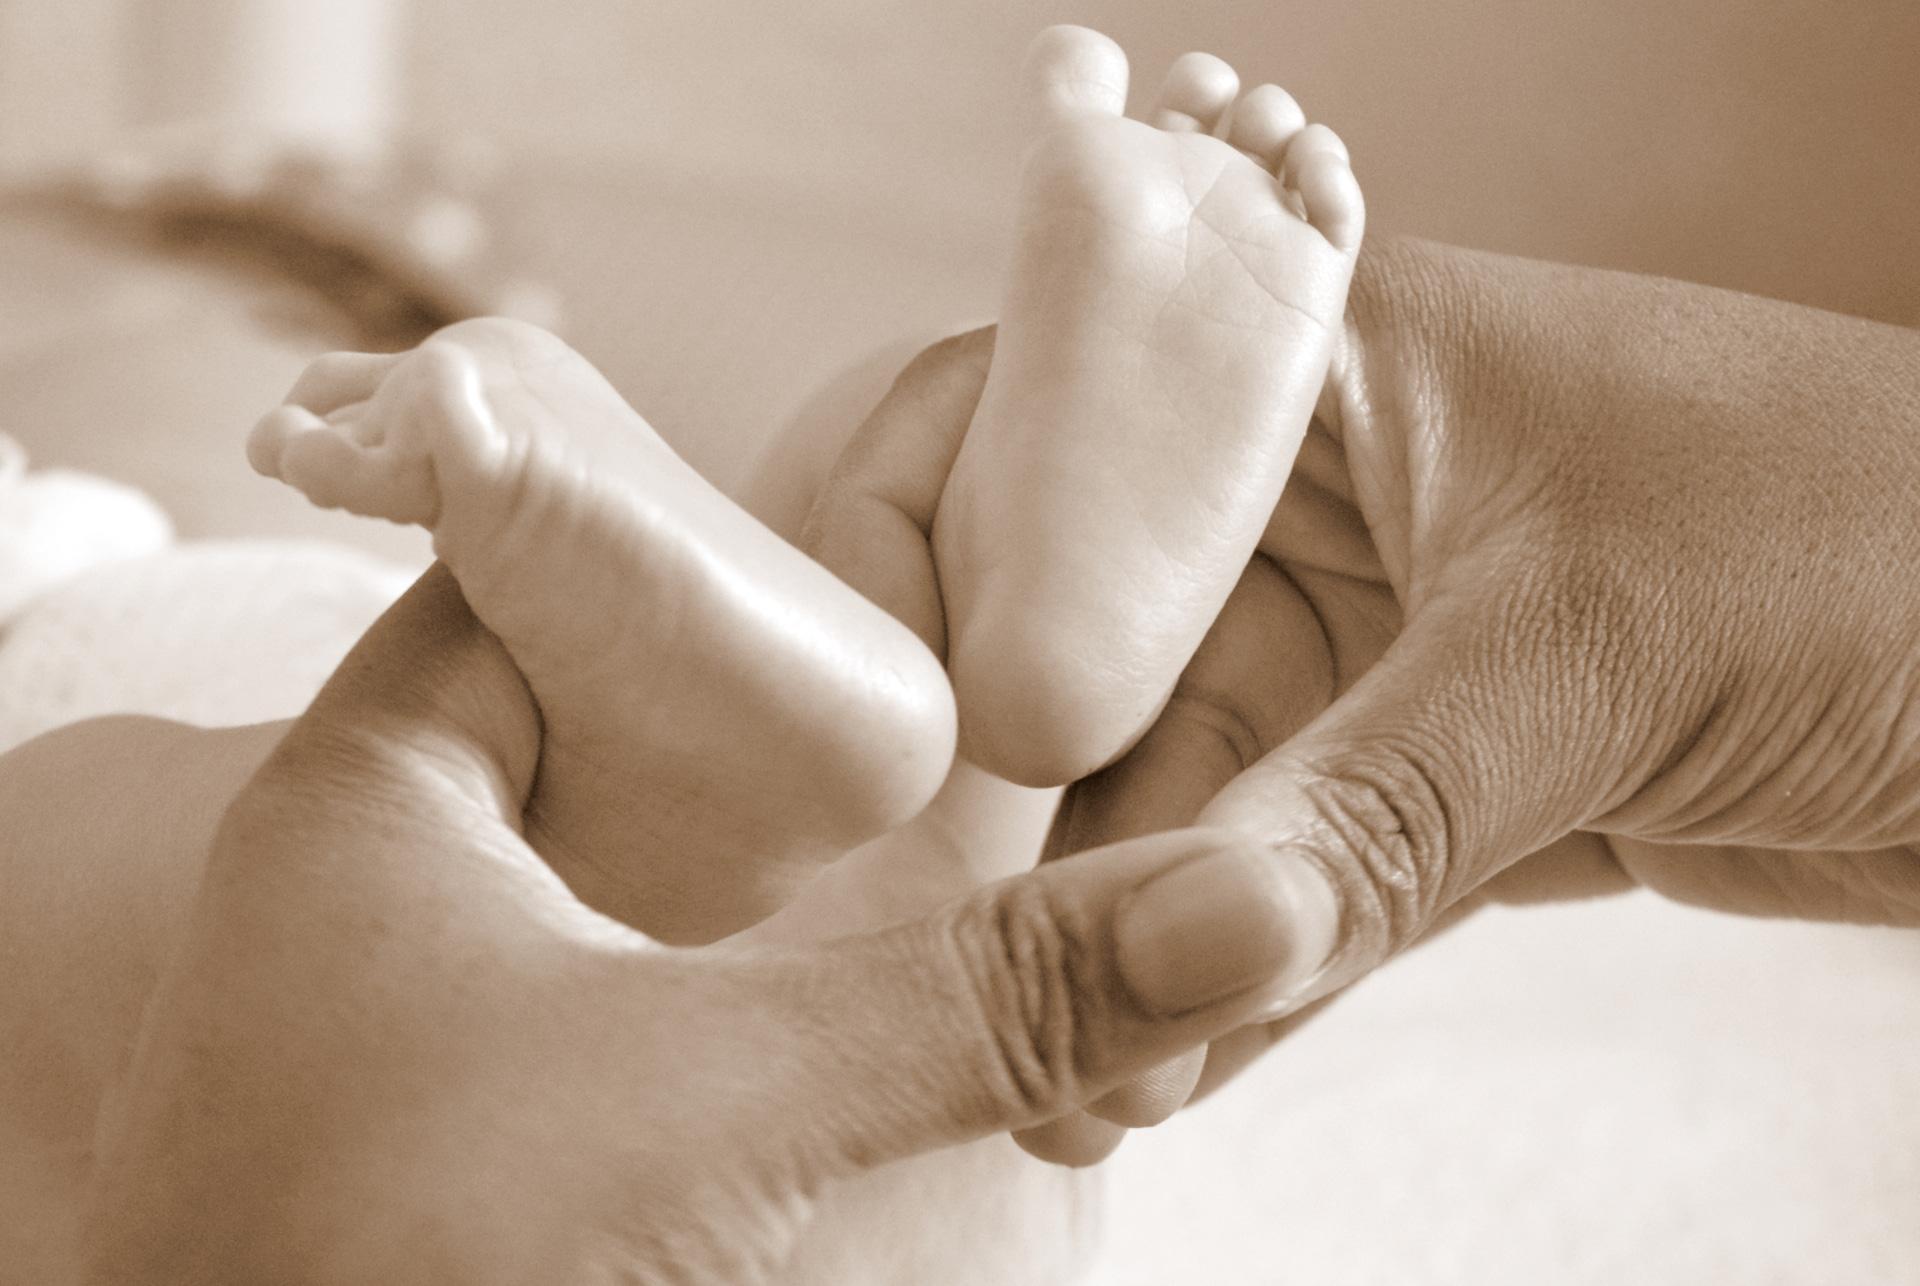 Baby Füsse In Hände Sepia Silke Berg Fotografie Offenburg